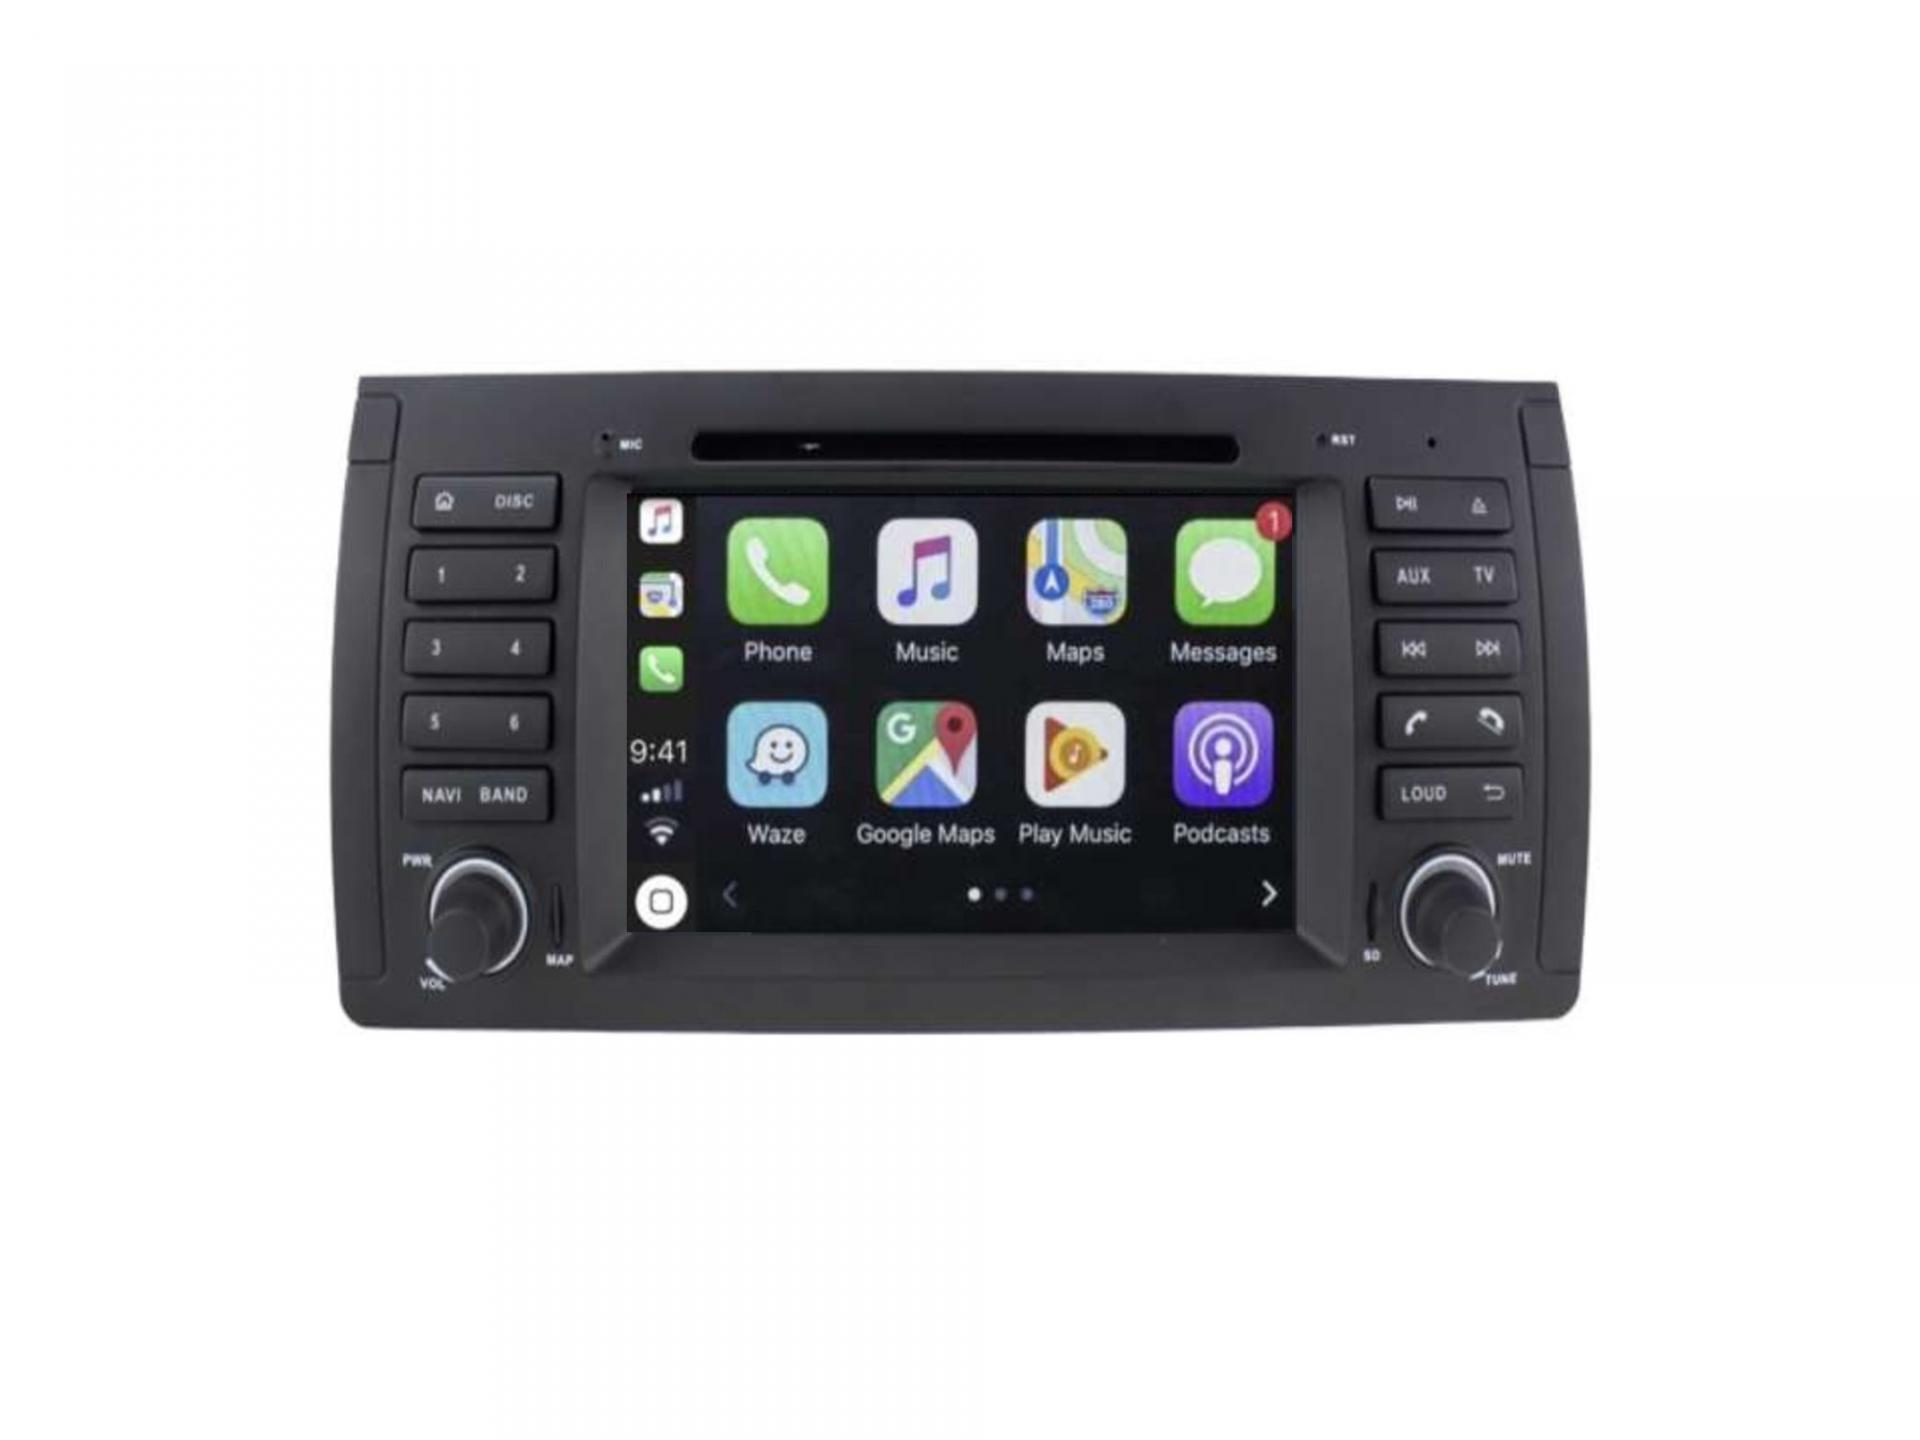 Autoradio gps carplay android auto bluetooth bmw serie 5 e39 m5 x5 e53 serie 7 e38 6